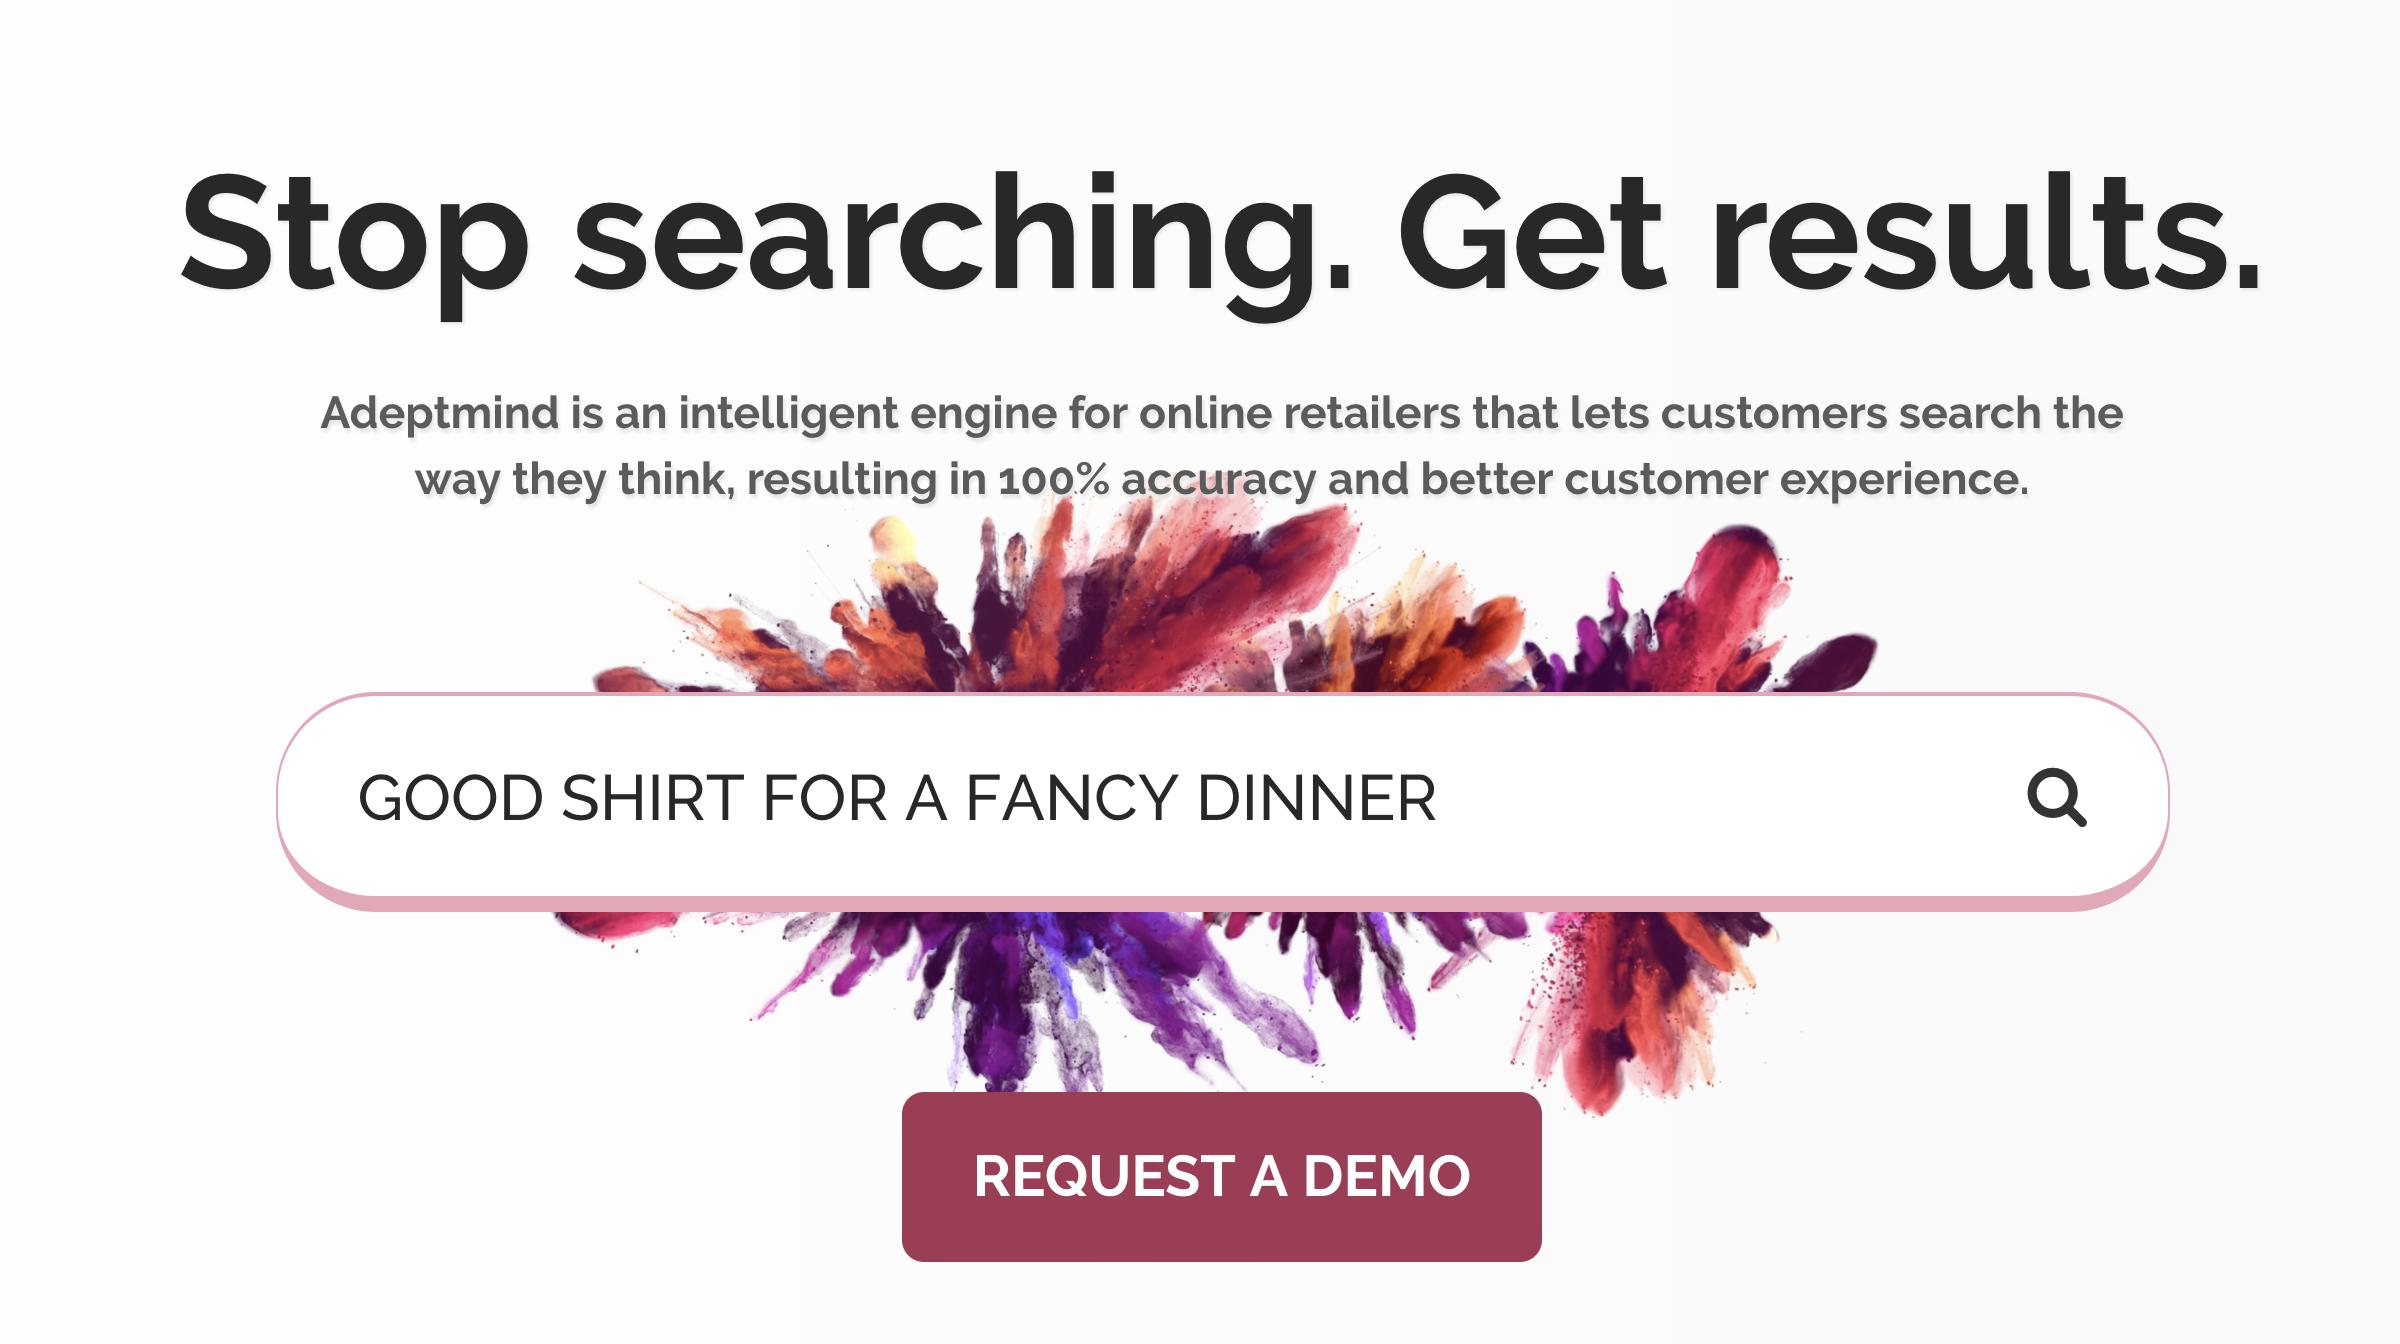 购物搜索引擎AdeptMind获550万美元种子投资与谷歌在垂直细分领域竞争 搜索引擎 第1张-泥人传说